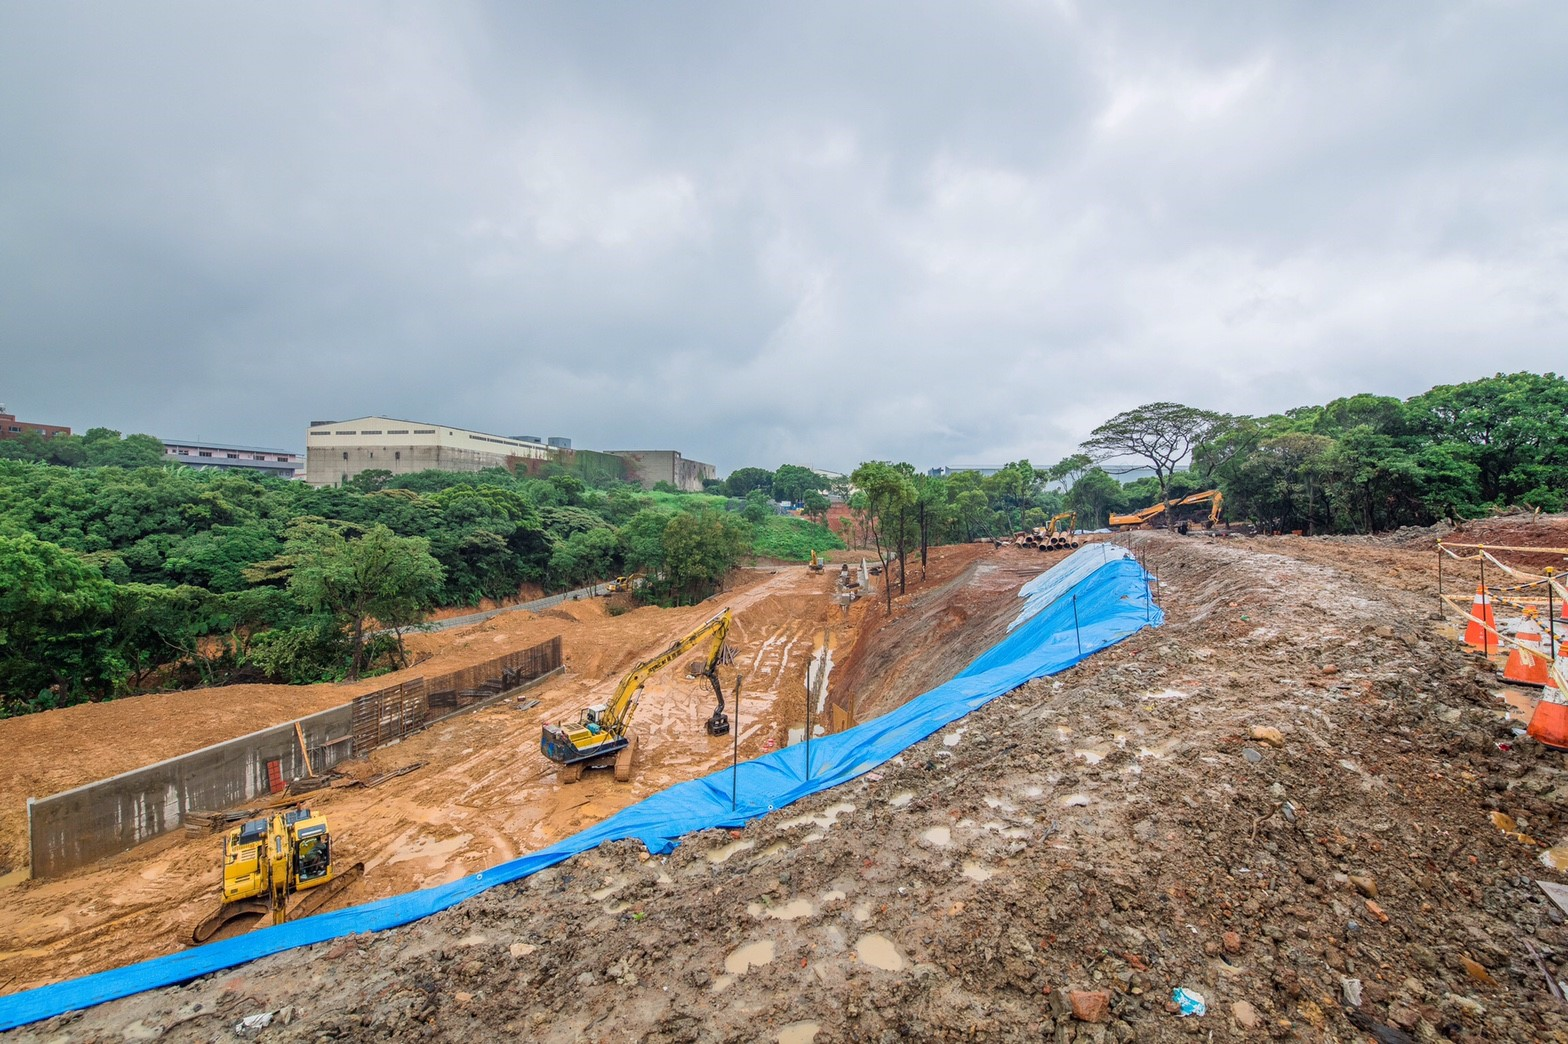 工四工業區東側坑溝兩岸滯洪沉砂設施工程,目前施工進度